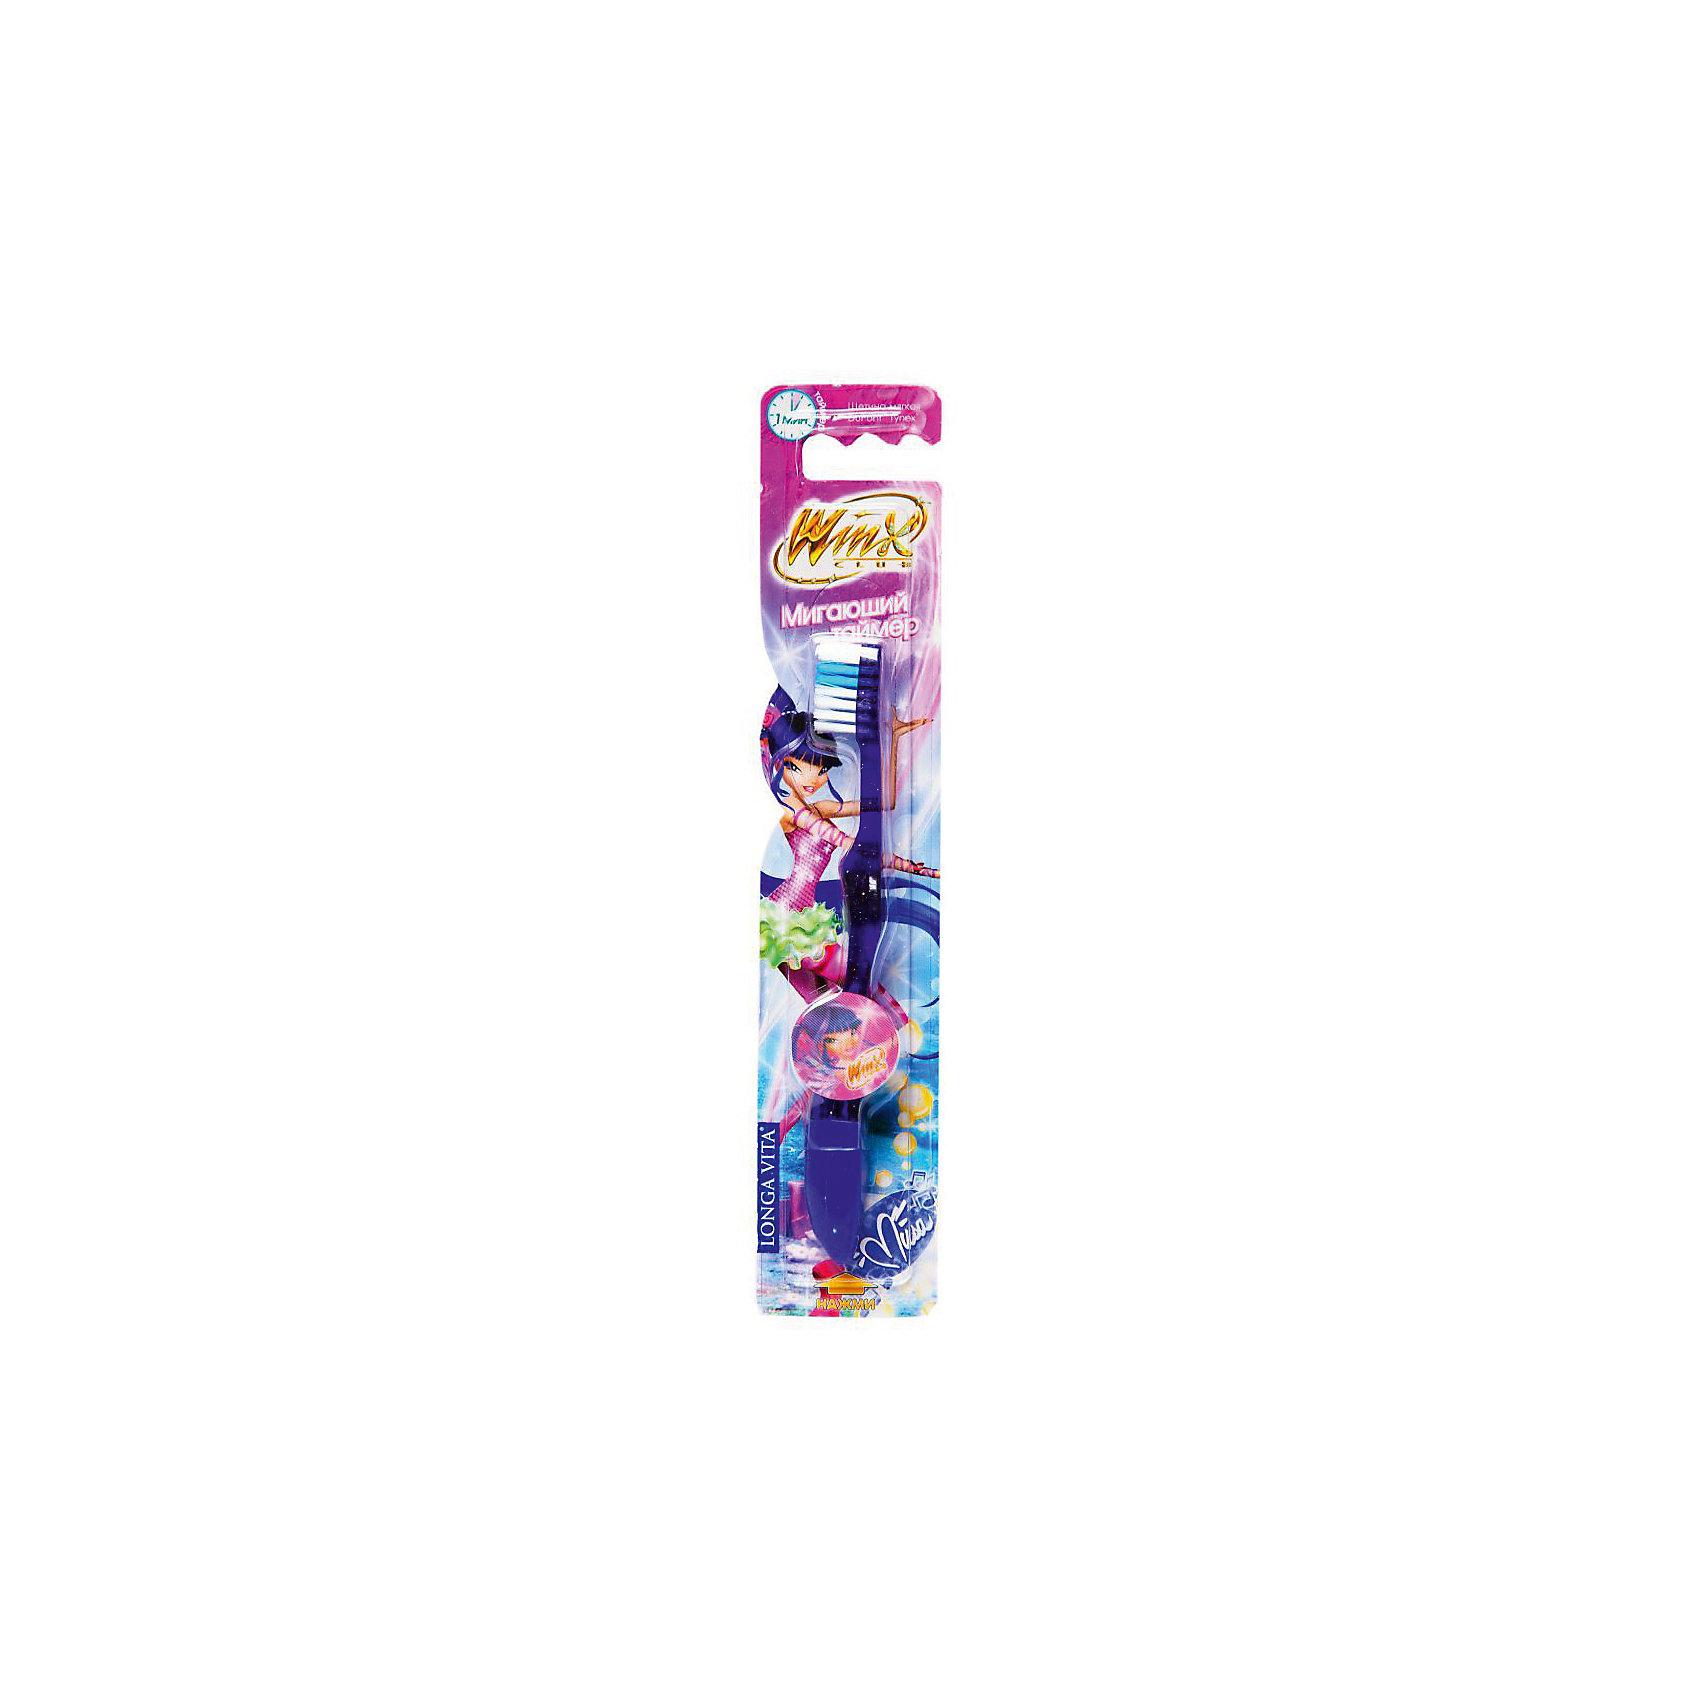 Зубная щетка с мигающим таймером, от 3-х лет, Winx, LONGA VITA, фиолетовый